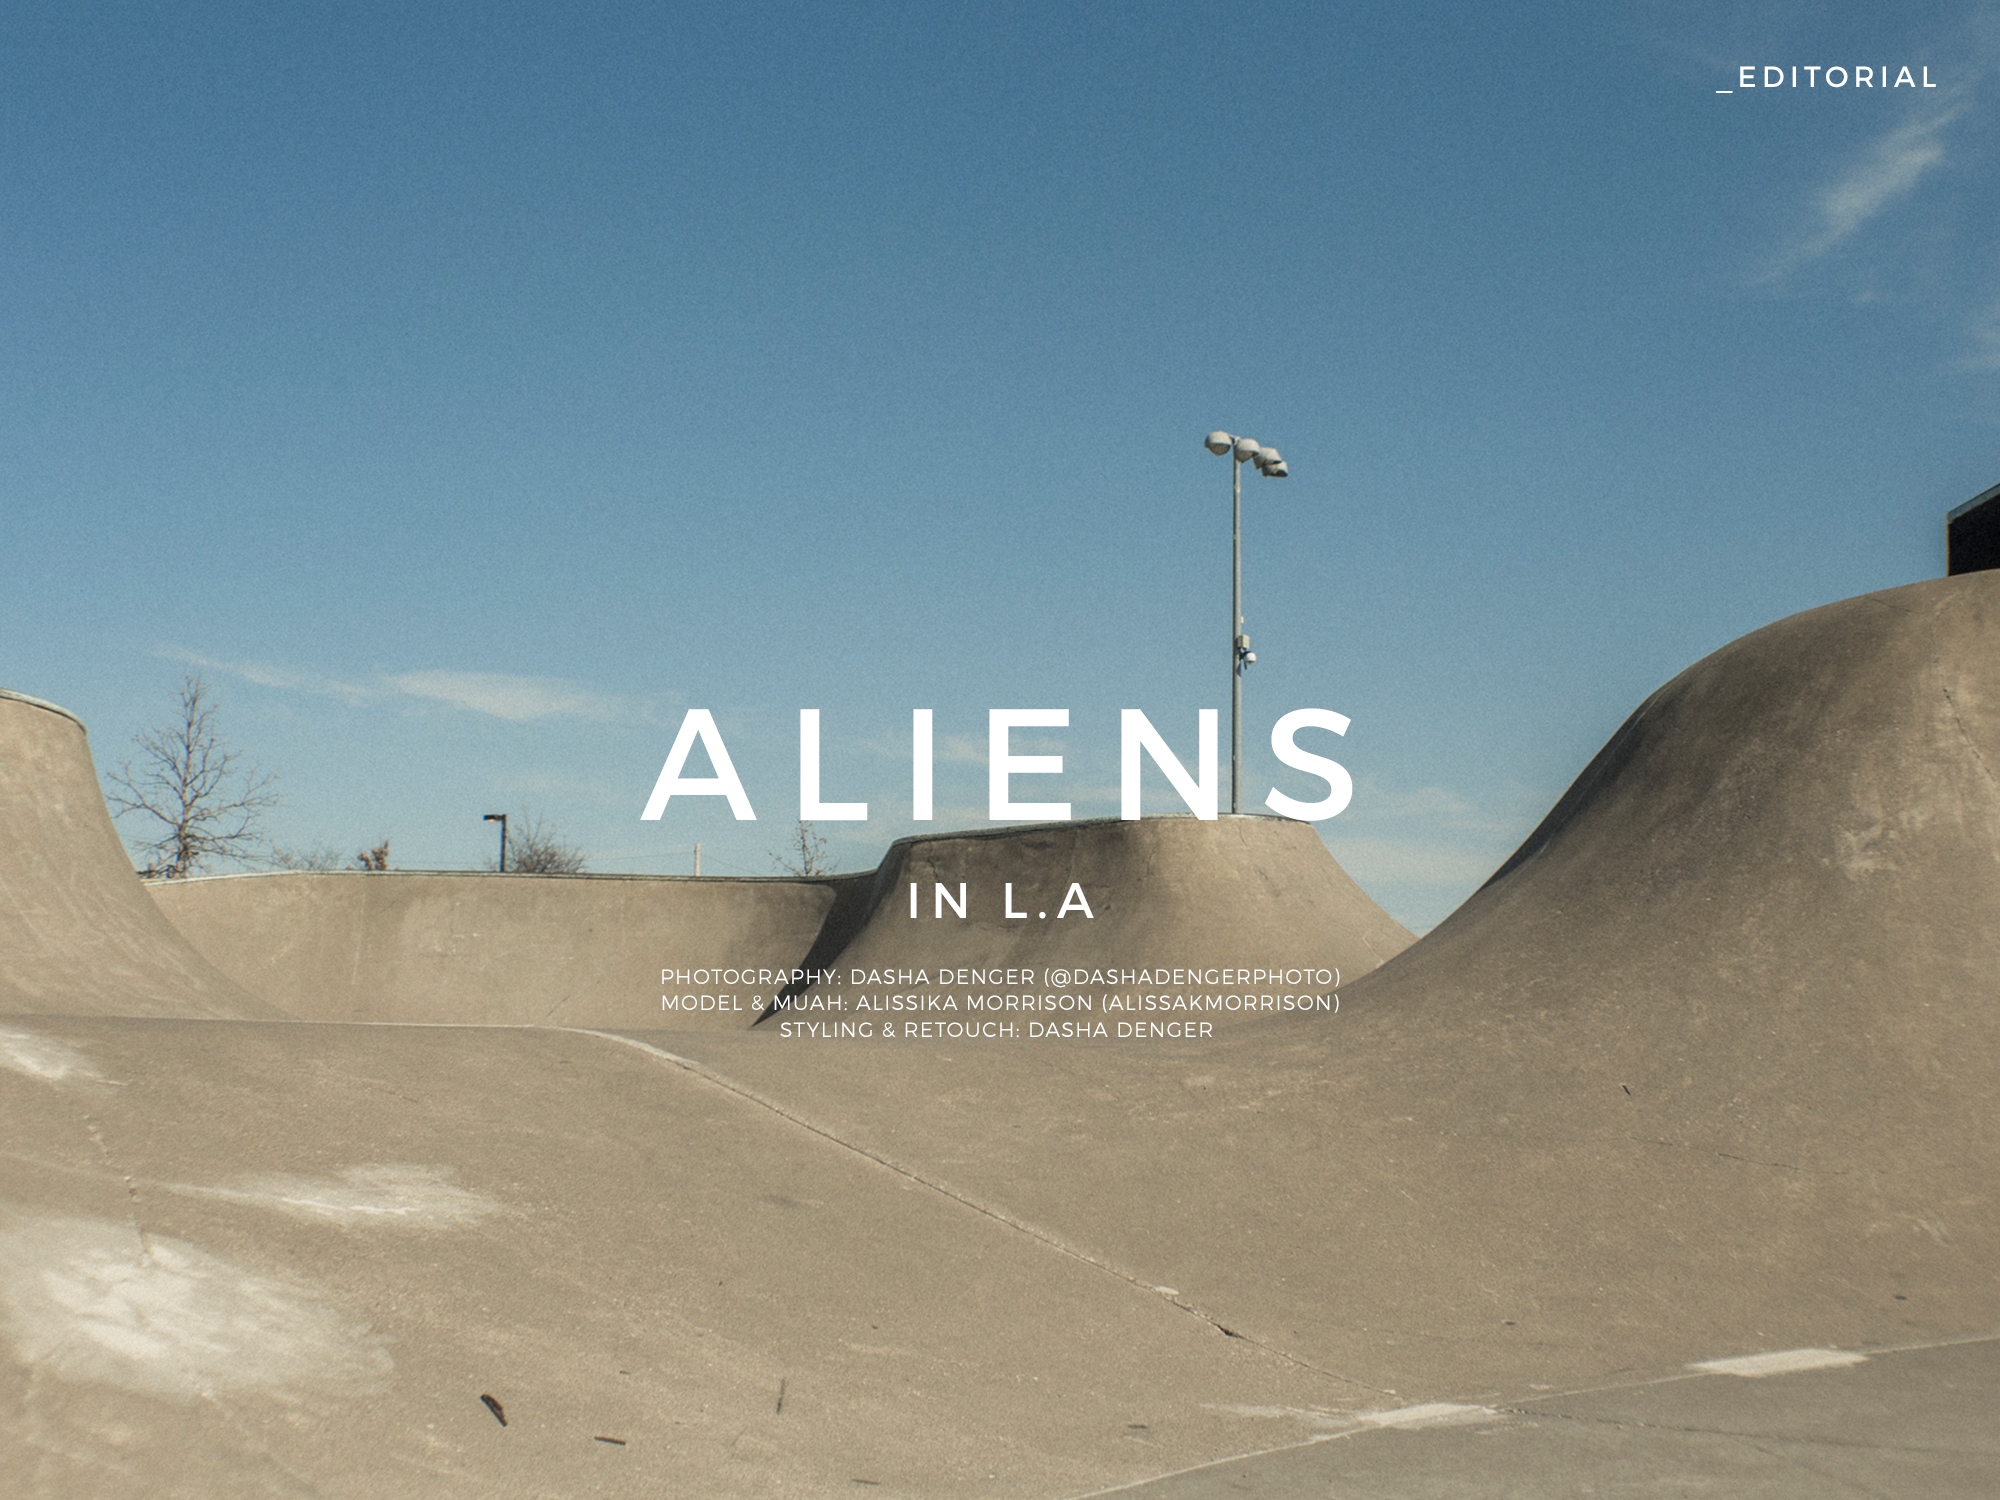 EDITORIAL_ALIENS-END.jpg